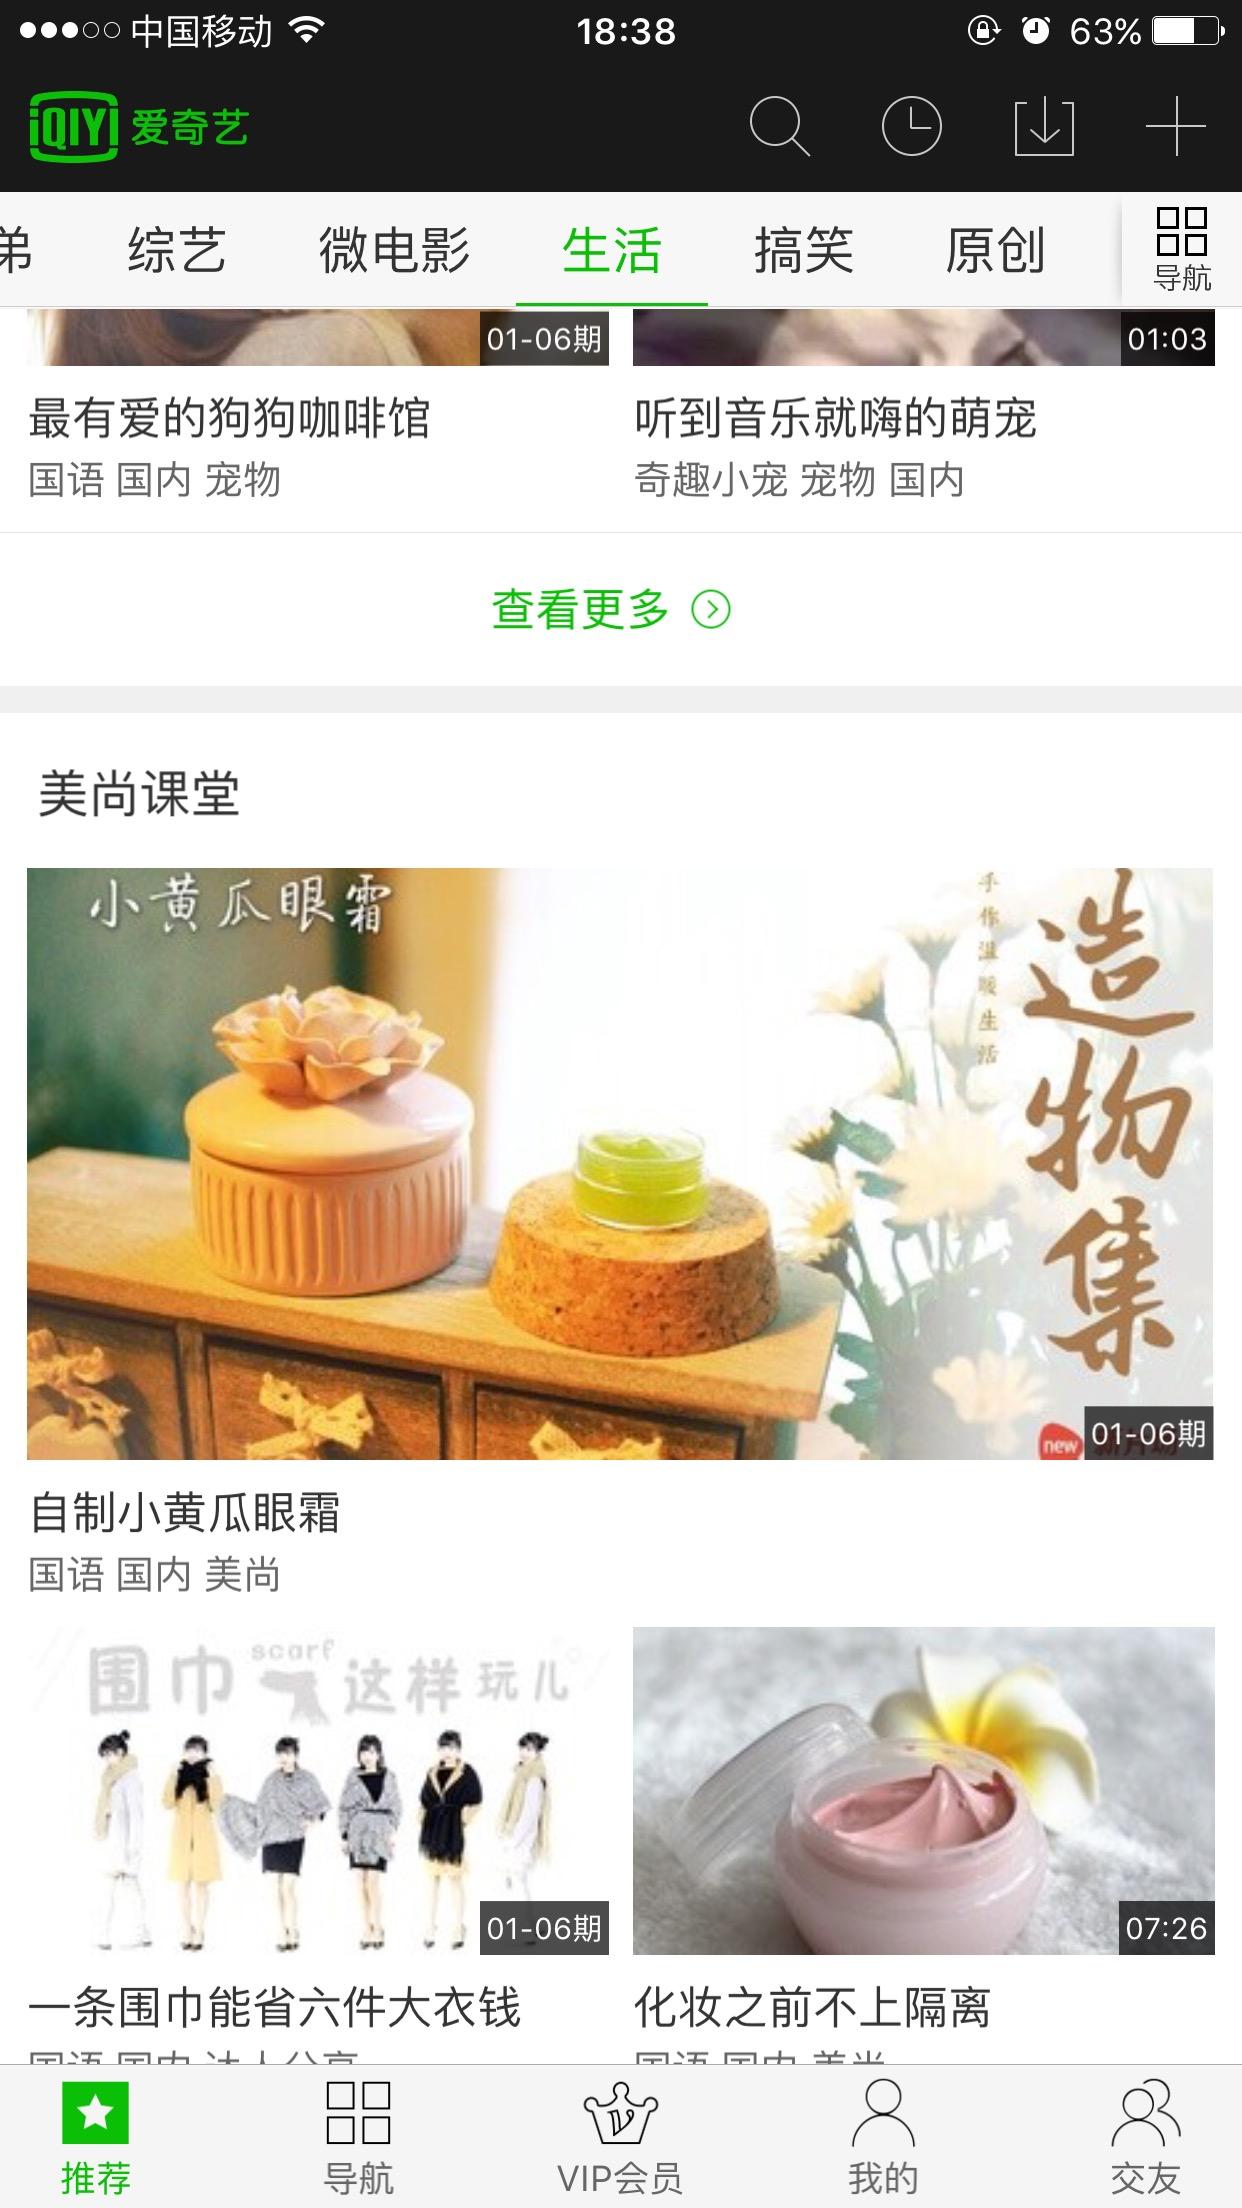 爱奇艺app生活频道